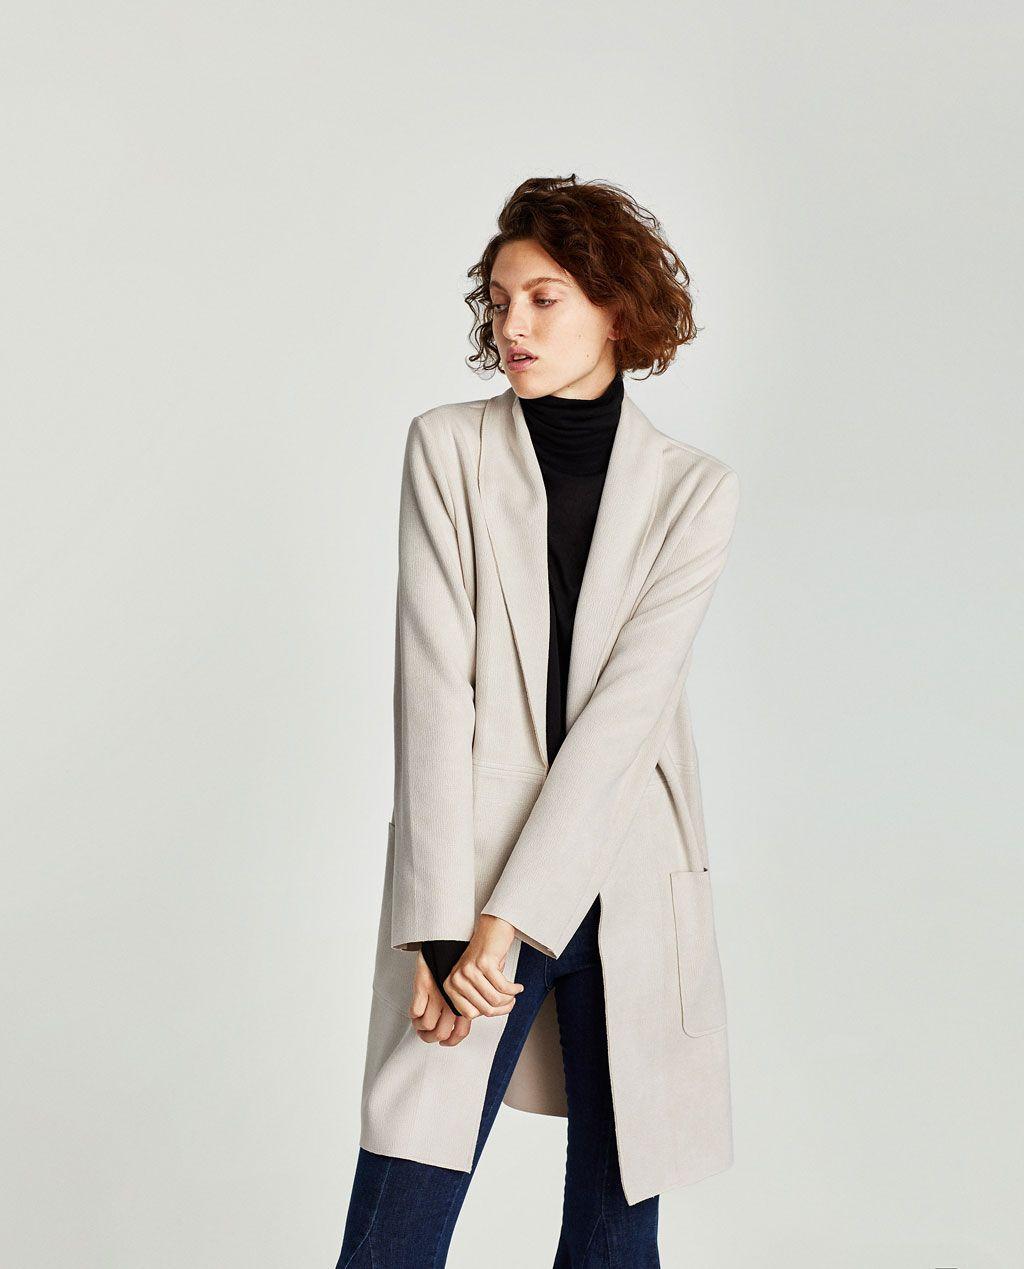 Manteau fourrure femme maroc